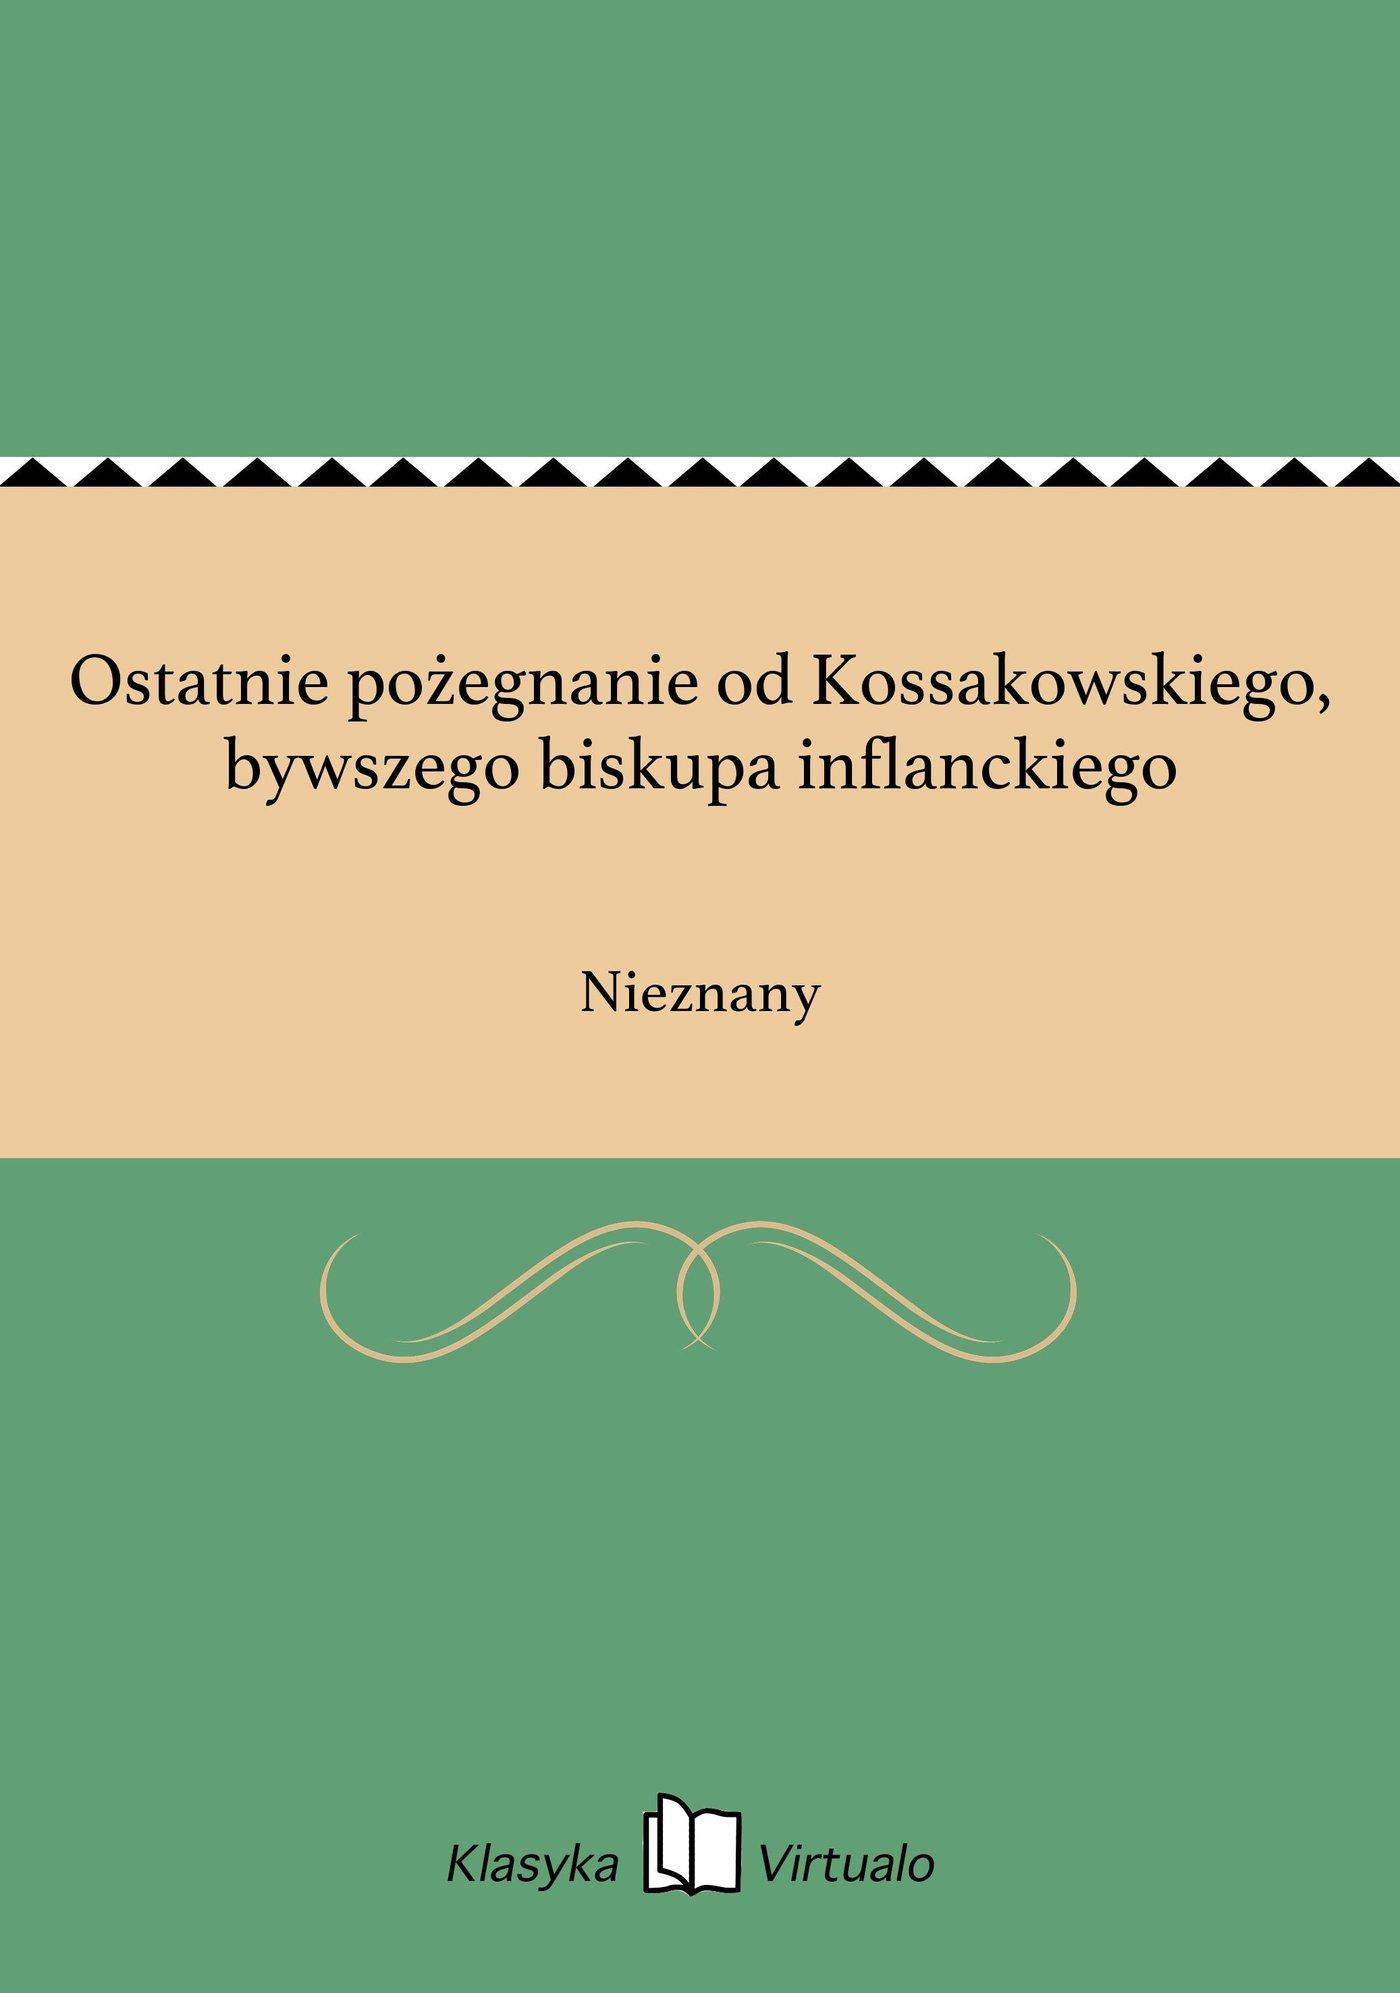 Ostatnie pożegnanie od Kossakowskiego, bywszego biskupa inflanckiego - Ebook (Książka na Kindle) do pobrania w formacie MOBI